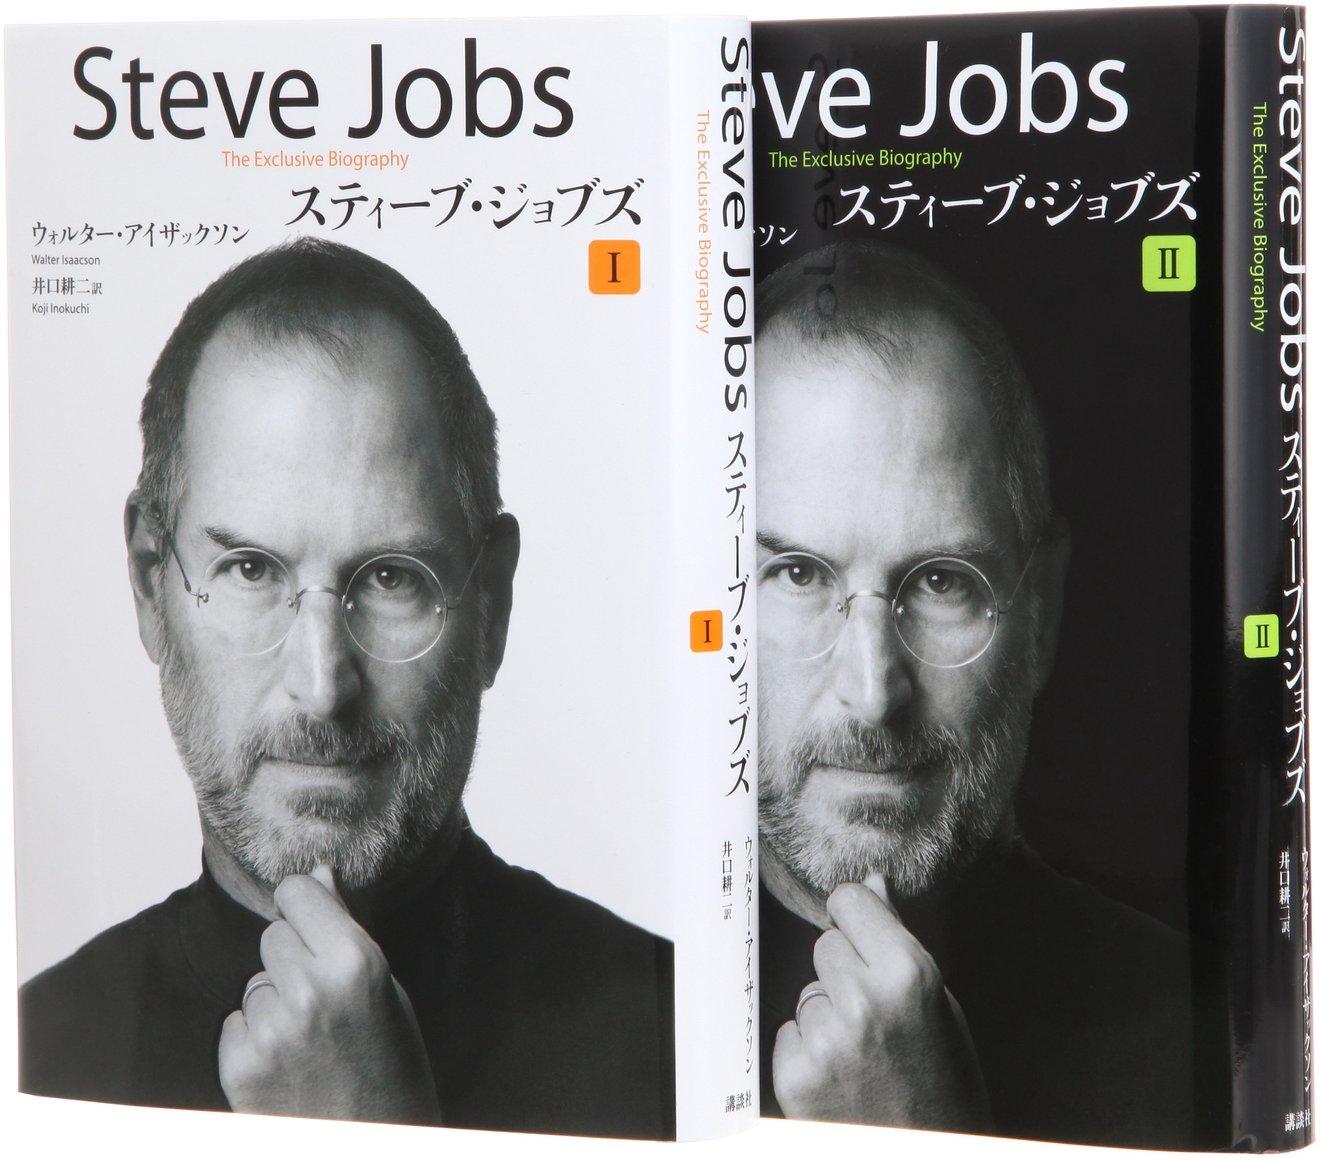 スティーブ・ジョブズを知る本おすすめ5選。生い立ちからプレゼン術まで